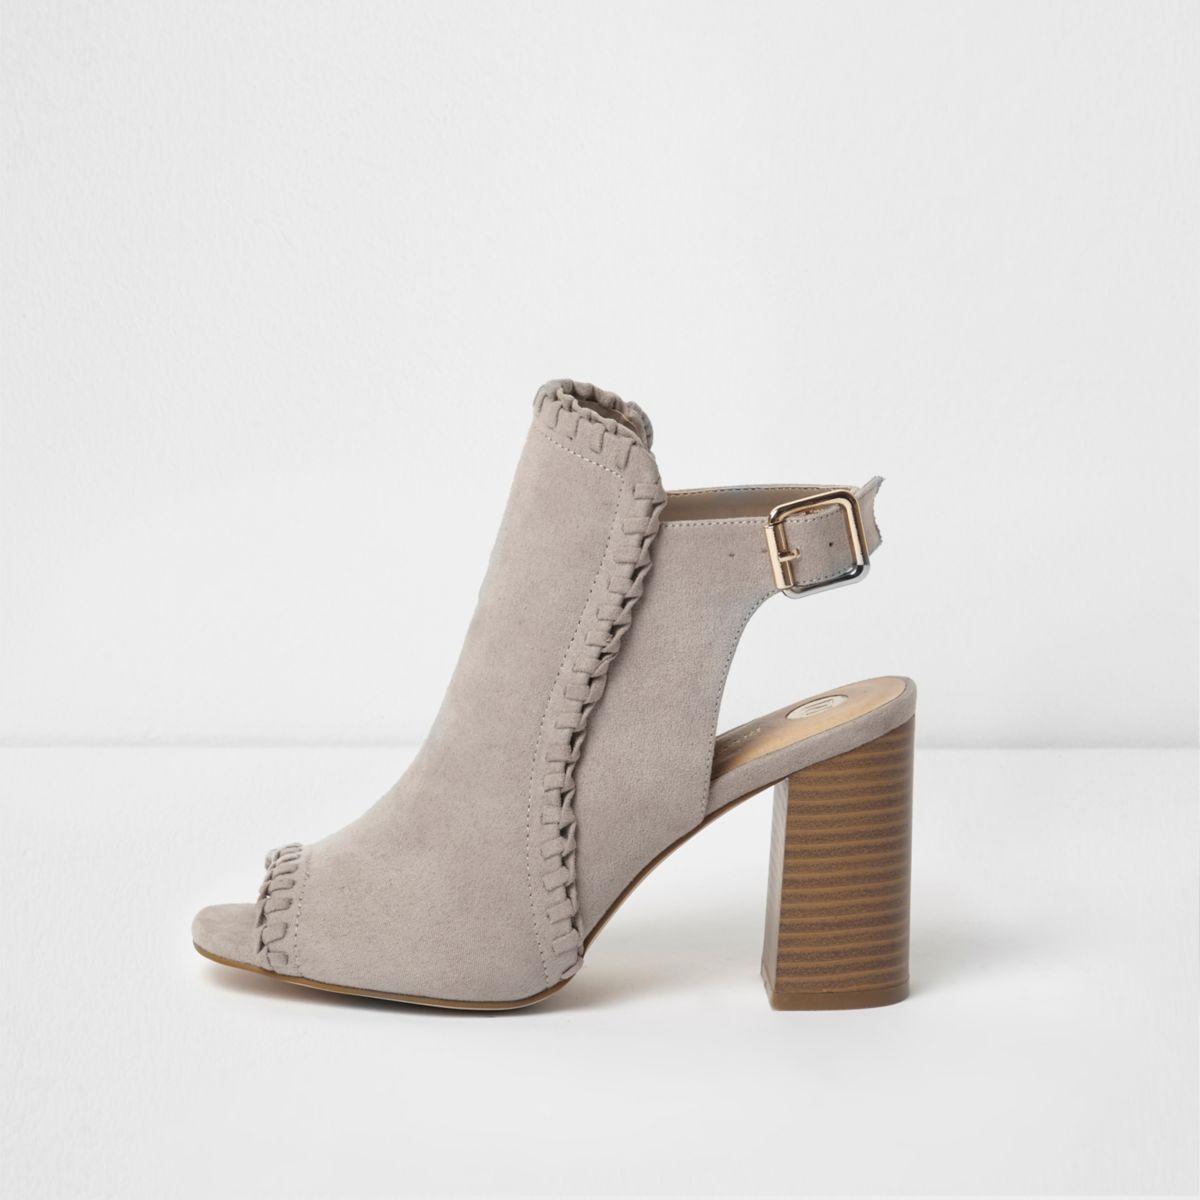 Beige Peeptoe-Shoe-Boots mit Blockabsatz